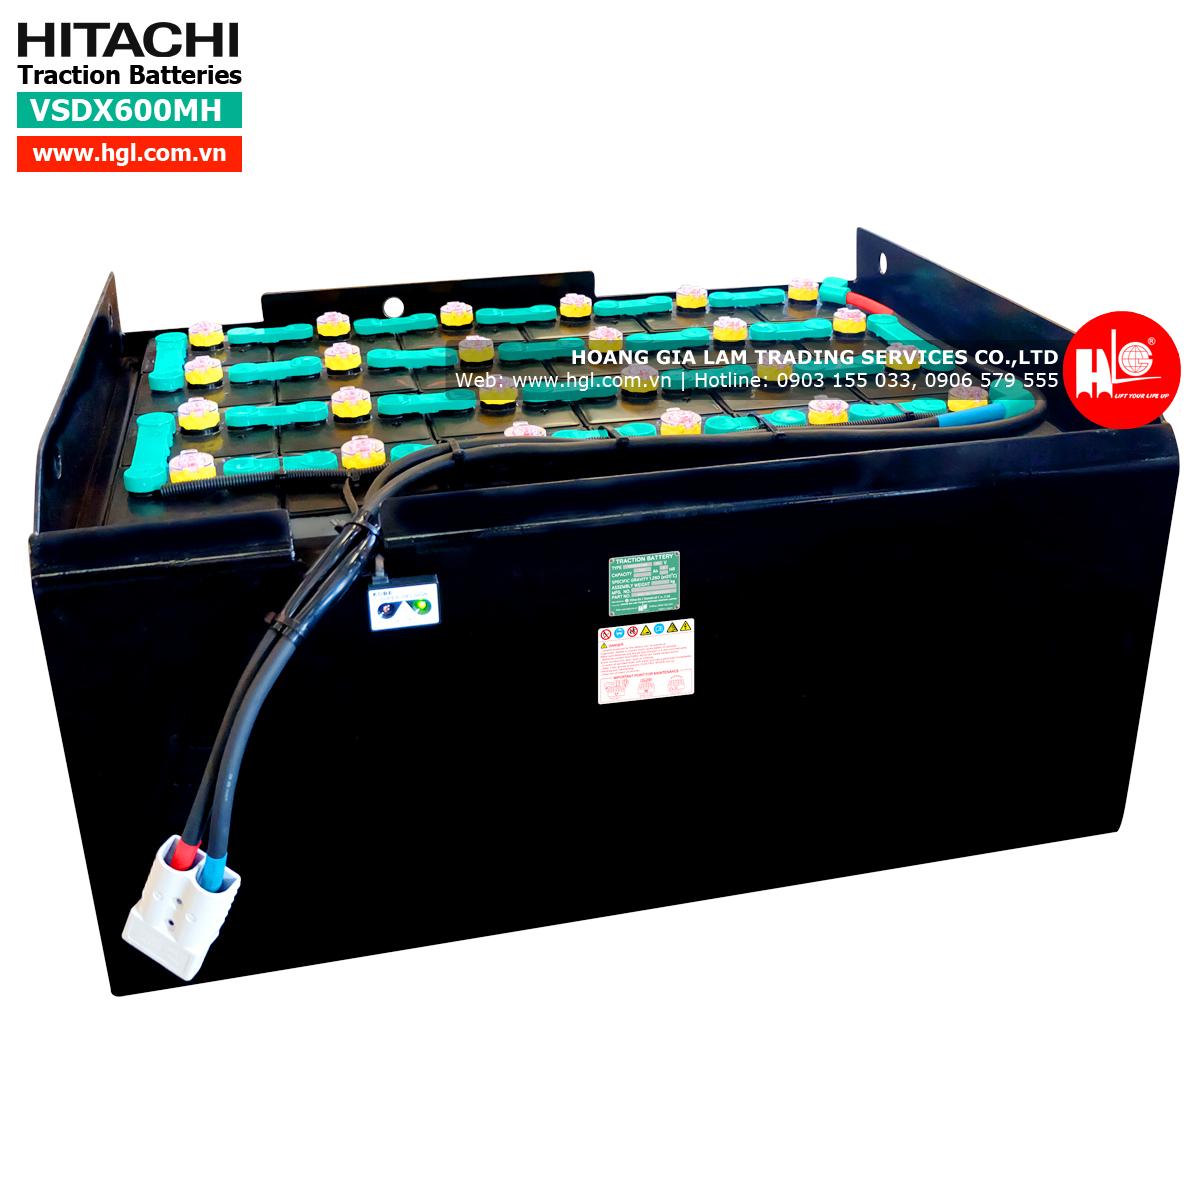 Ác quy Hitachi dành cho xe nâng